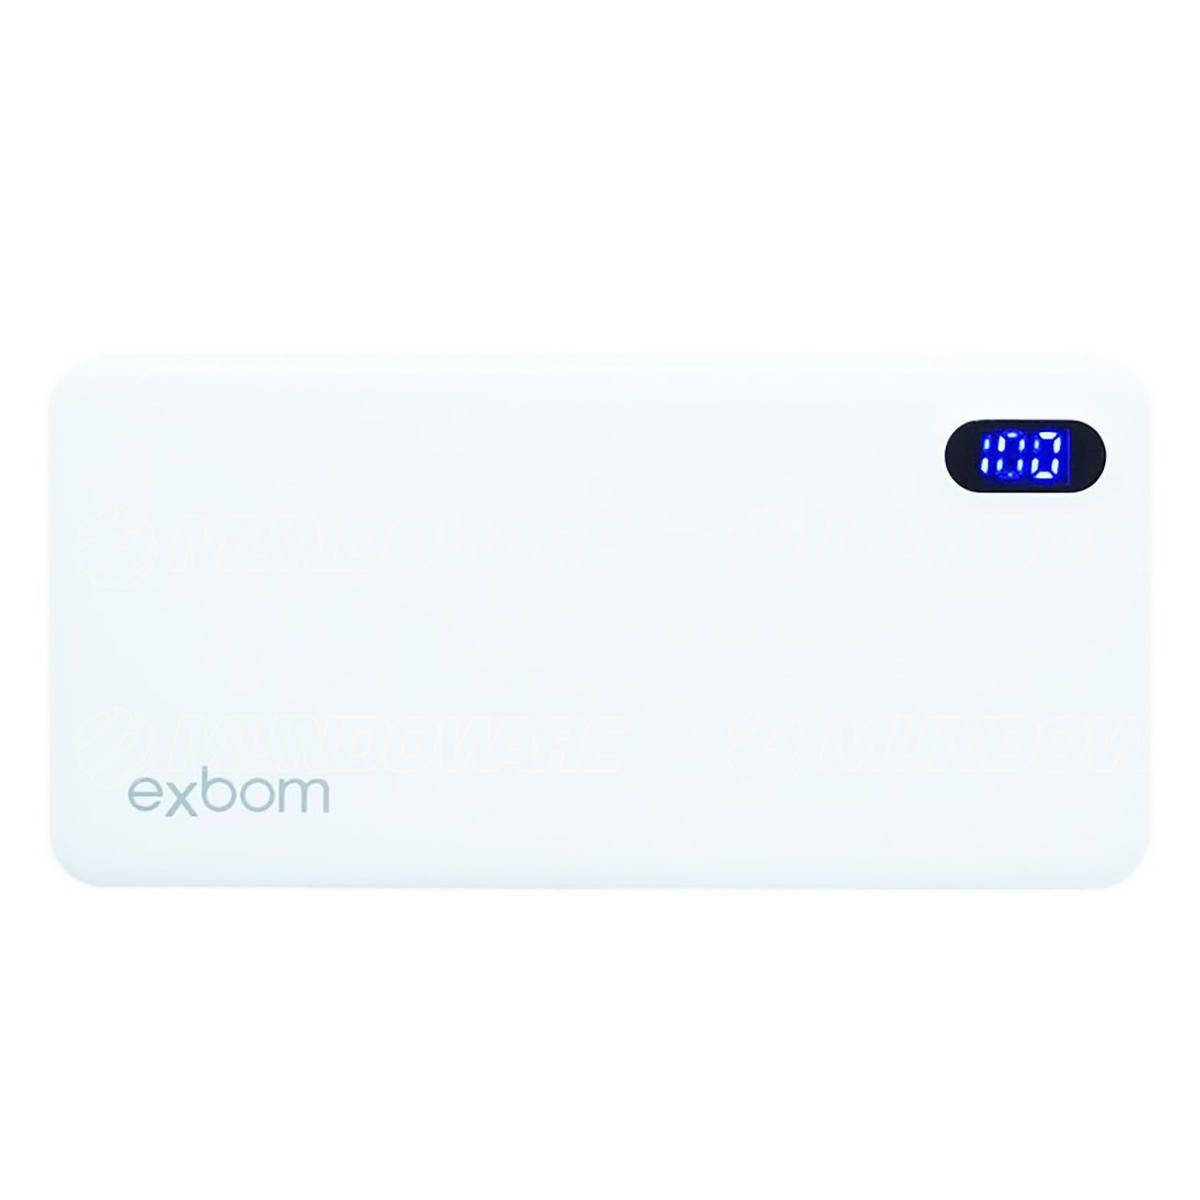 Carregador Portátil para Celular de 10.000mAh com Display LED Indicador de Carga Power Bank Exbom PB-M81Slim Branco